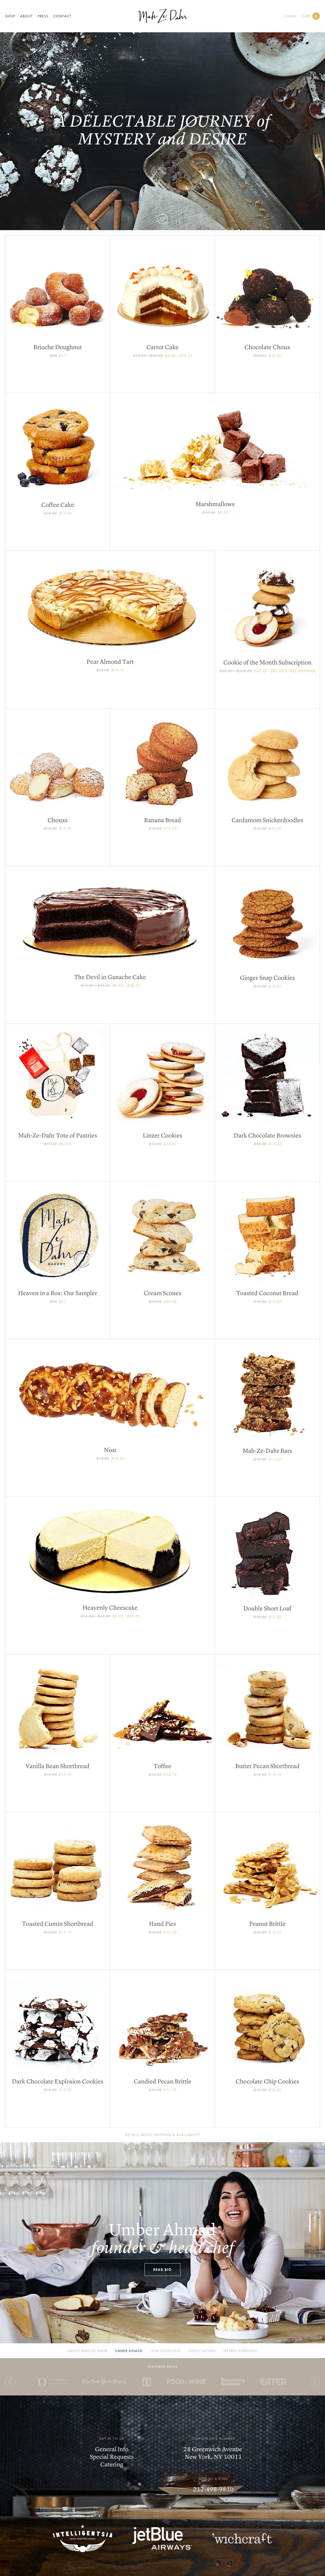 Mah Ze Dahr Bakery Website Screenshot